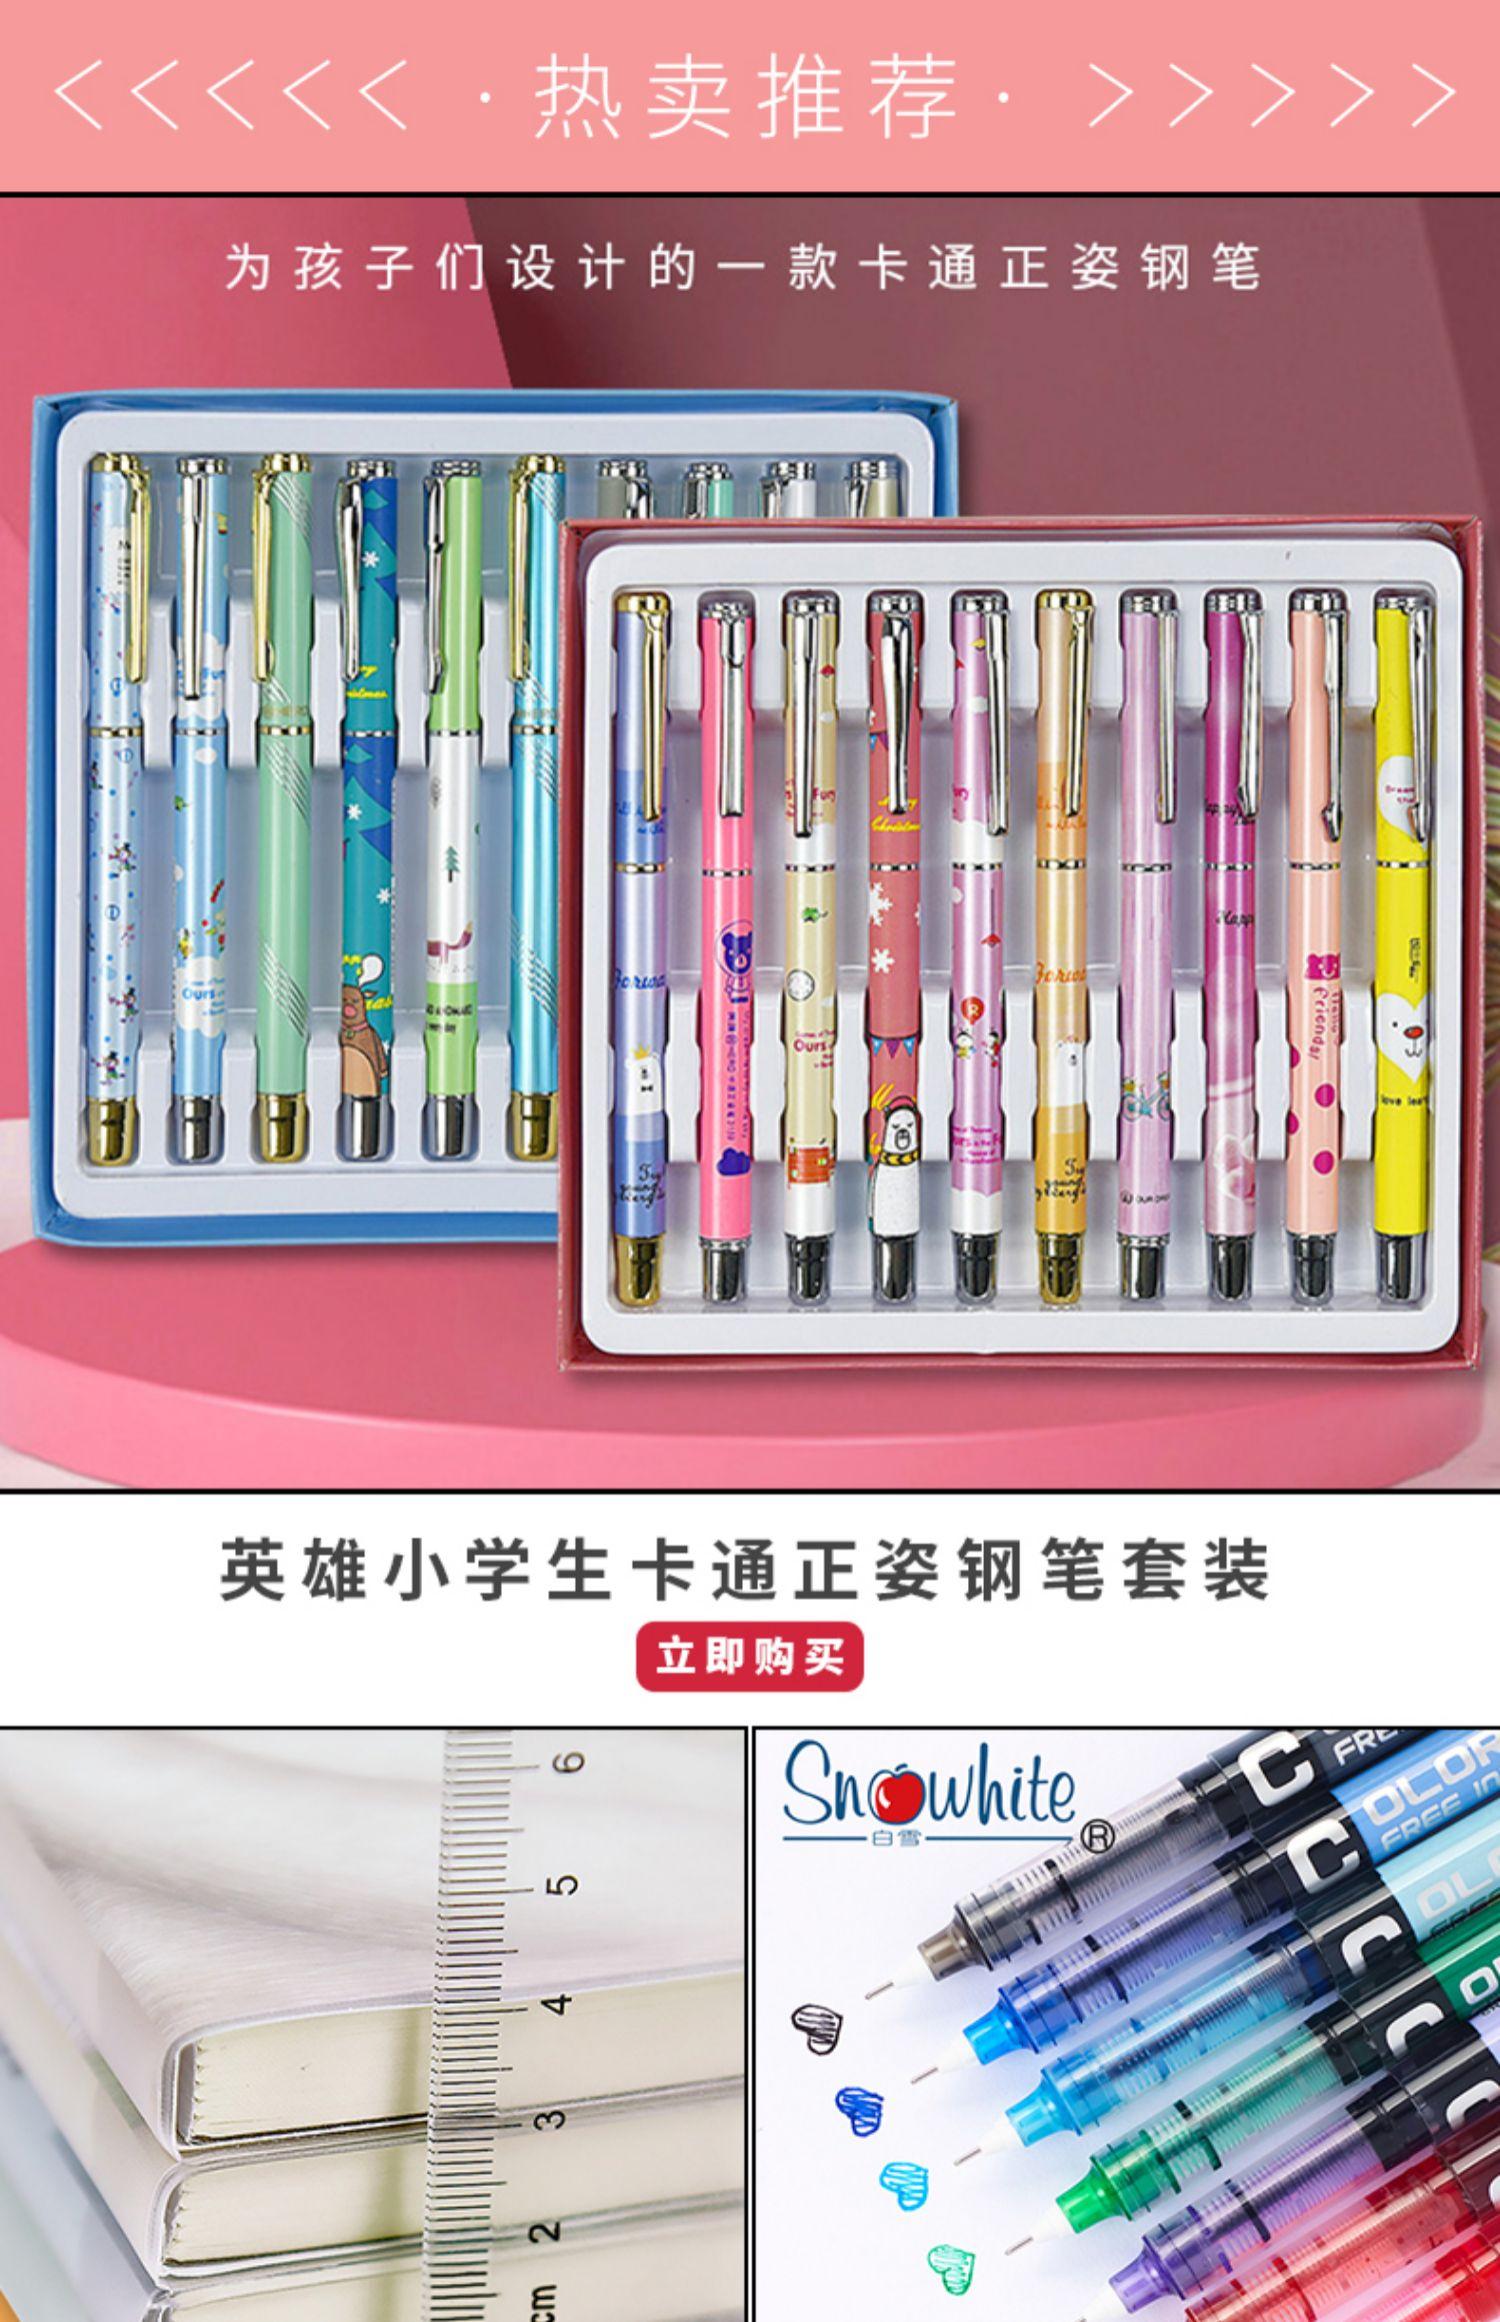 【白雪】直液式学生考试专用签字笔1